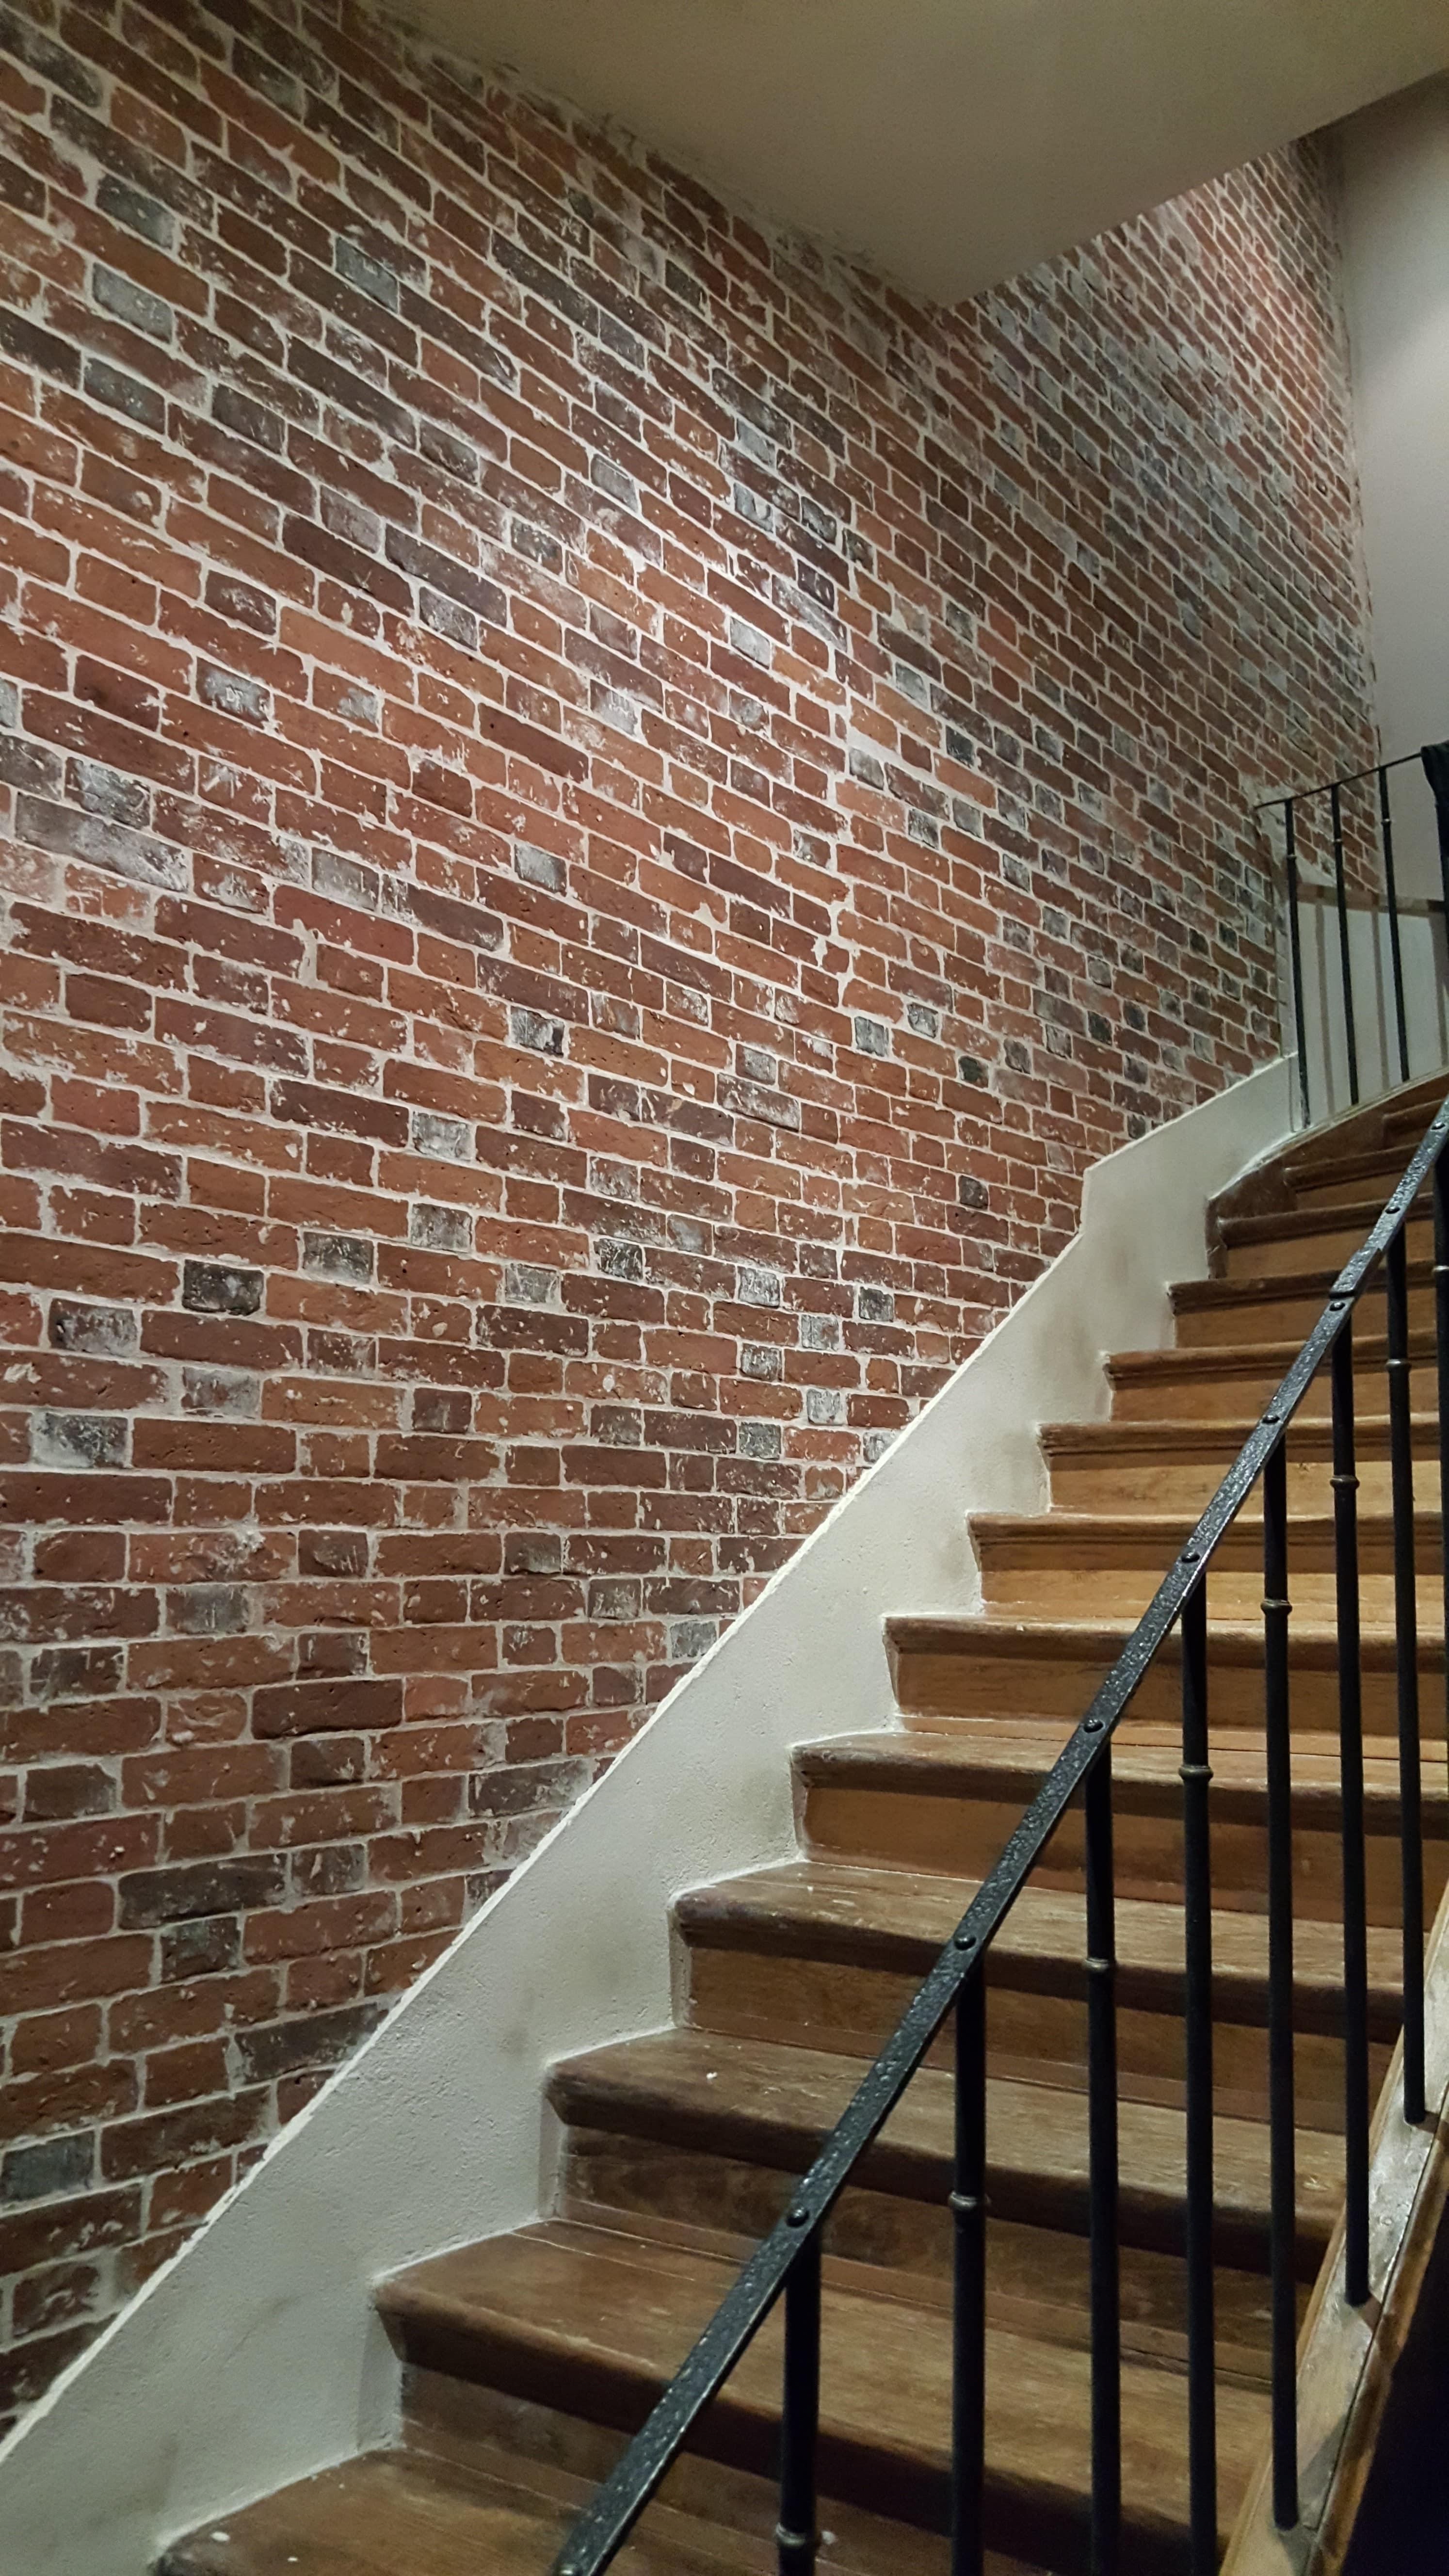 travaux-de-renovation-mur-de-brique-10-nettoyage-detachage-et-retapage-des-joints-societe-texas-batiment-min